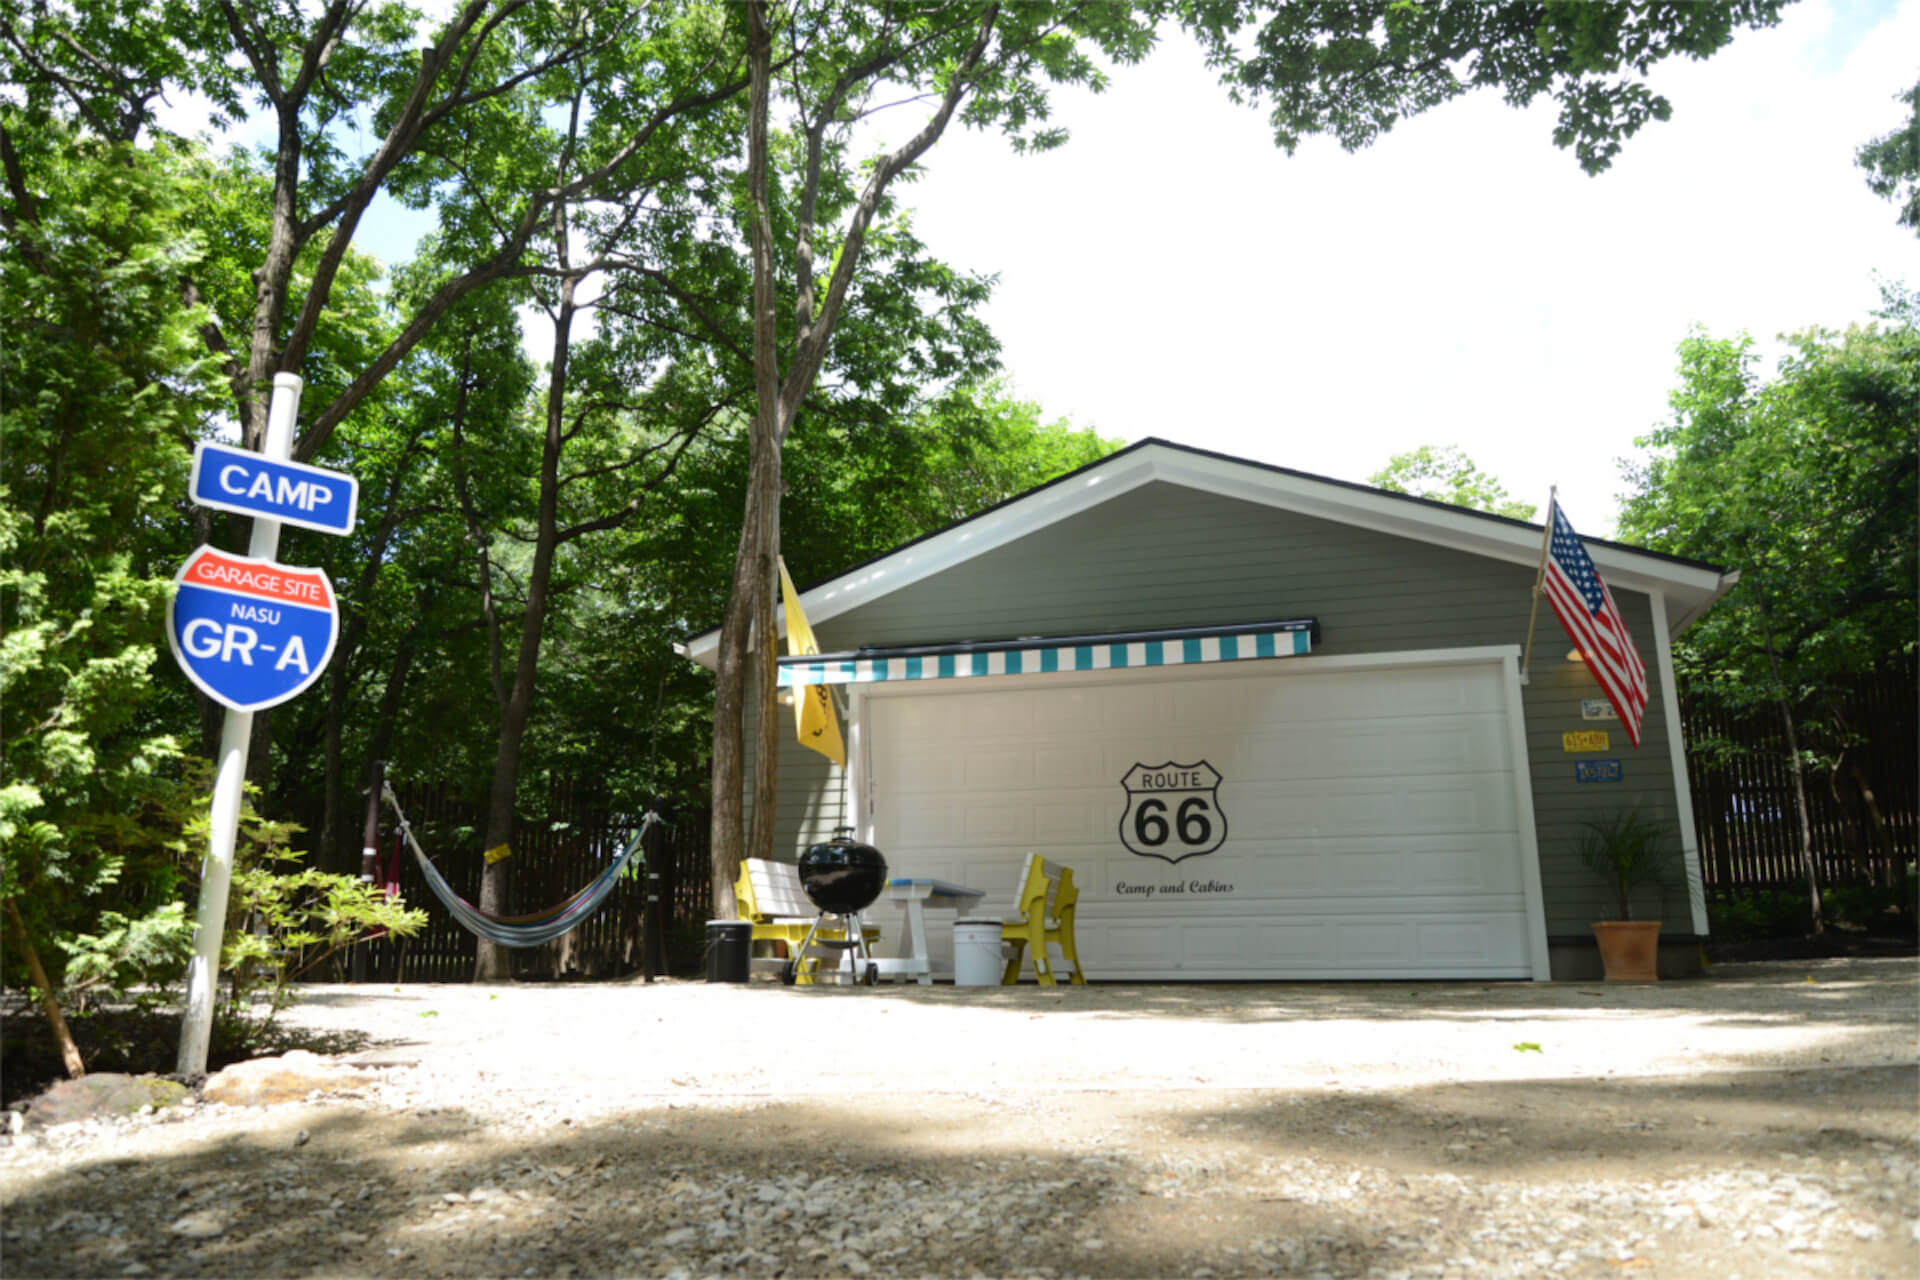 【全国のグランピング・キャンプ場15選】海・山・湖・高原・離島など絶好のロケーションばかりで、インスタ映え間違いなし! life200612_jeep_camp_10